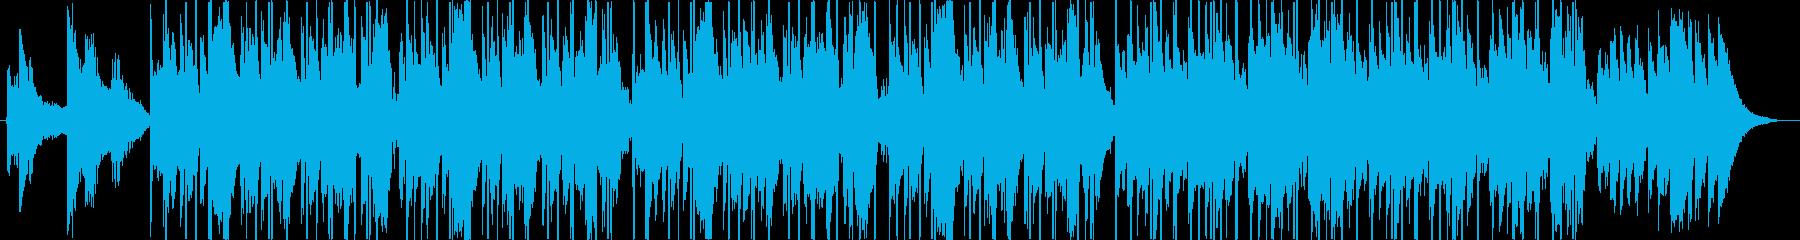 メロウなヒップホップ 洋楽 チルアウトの再生済みの波形